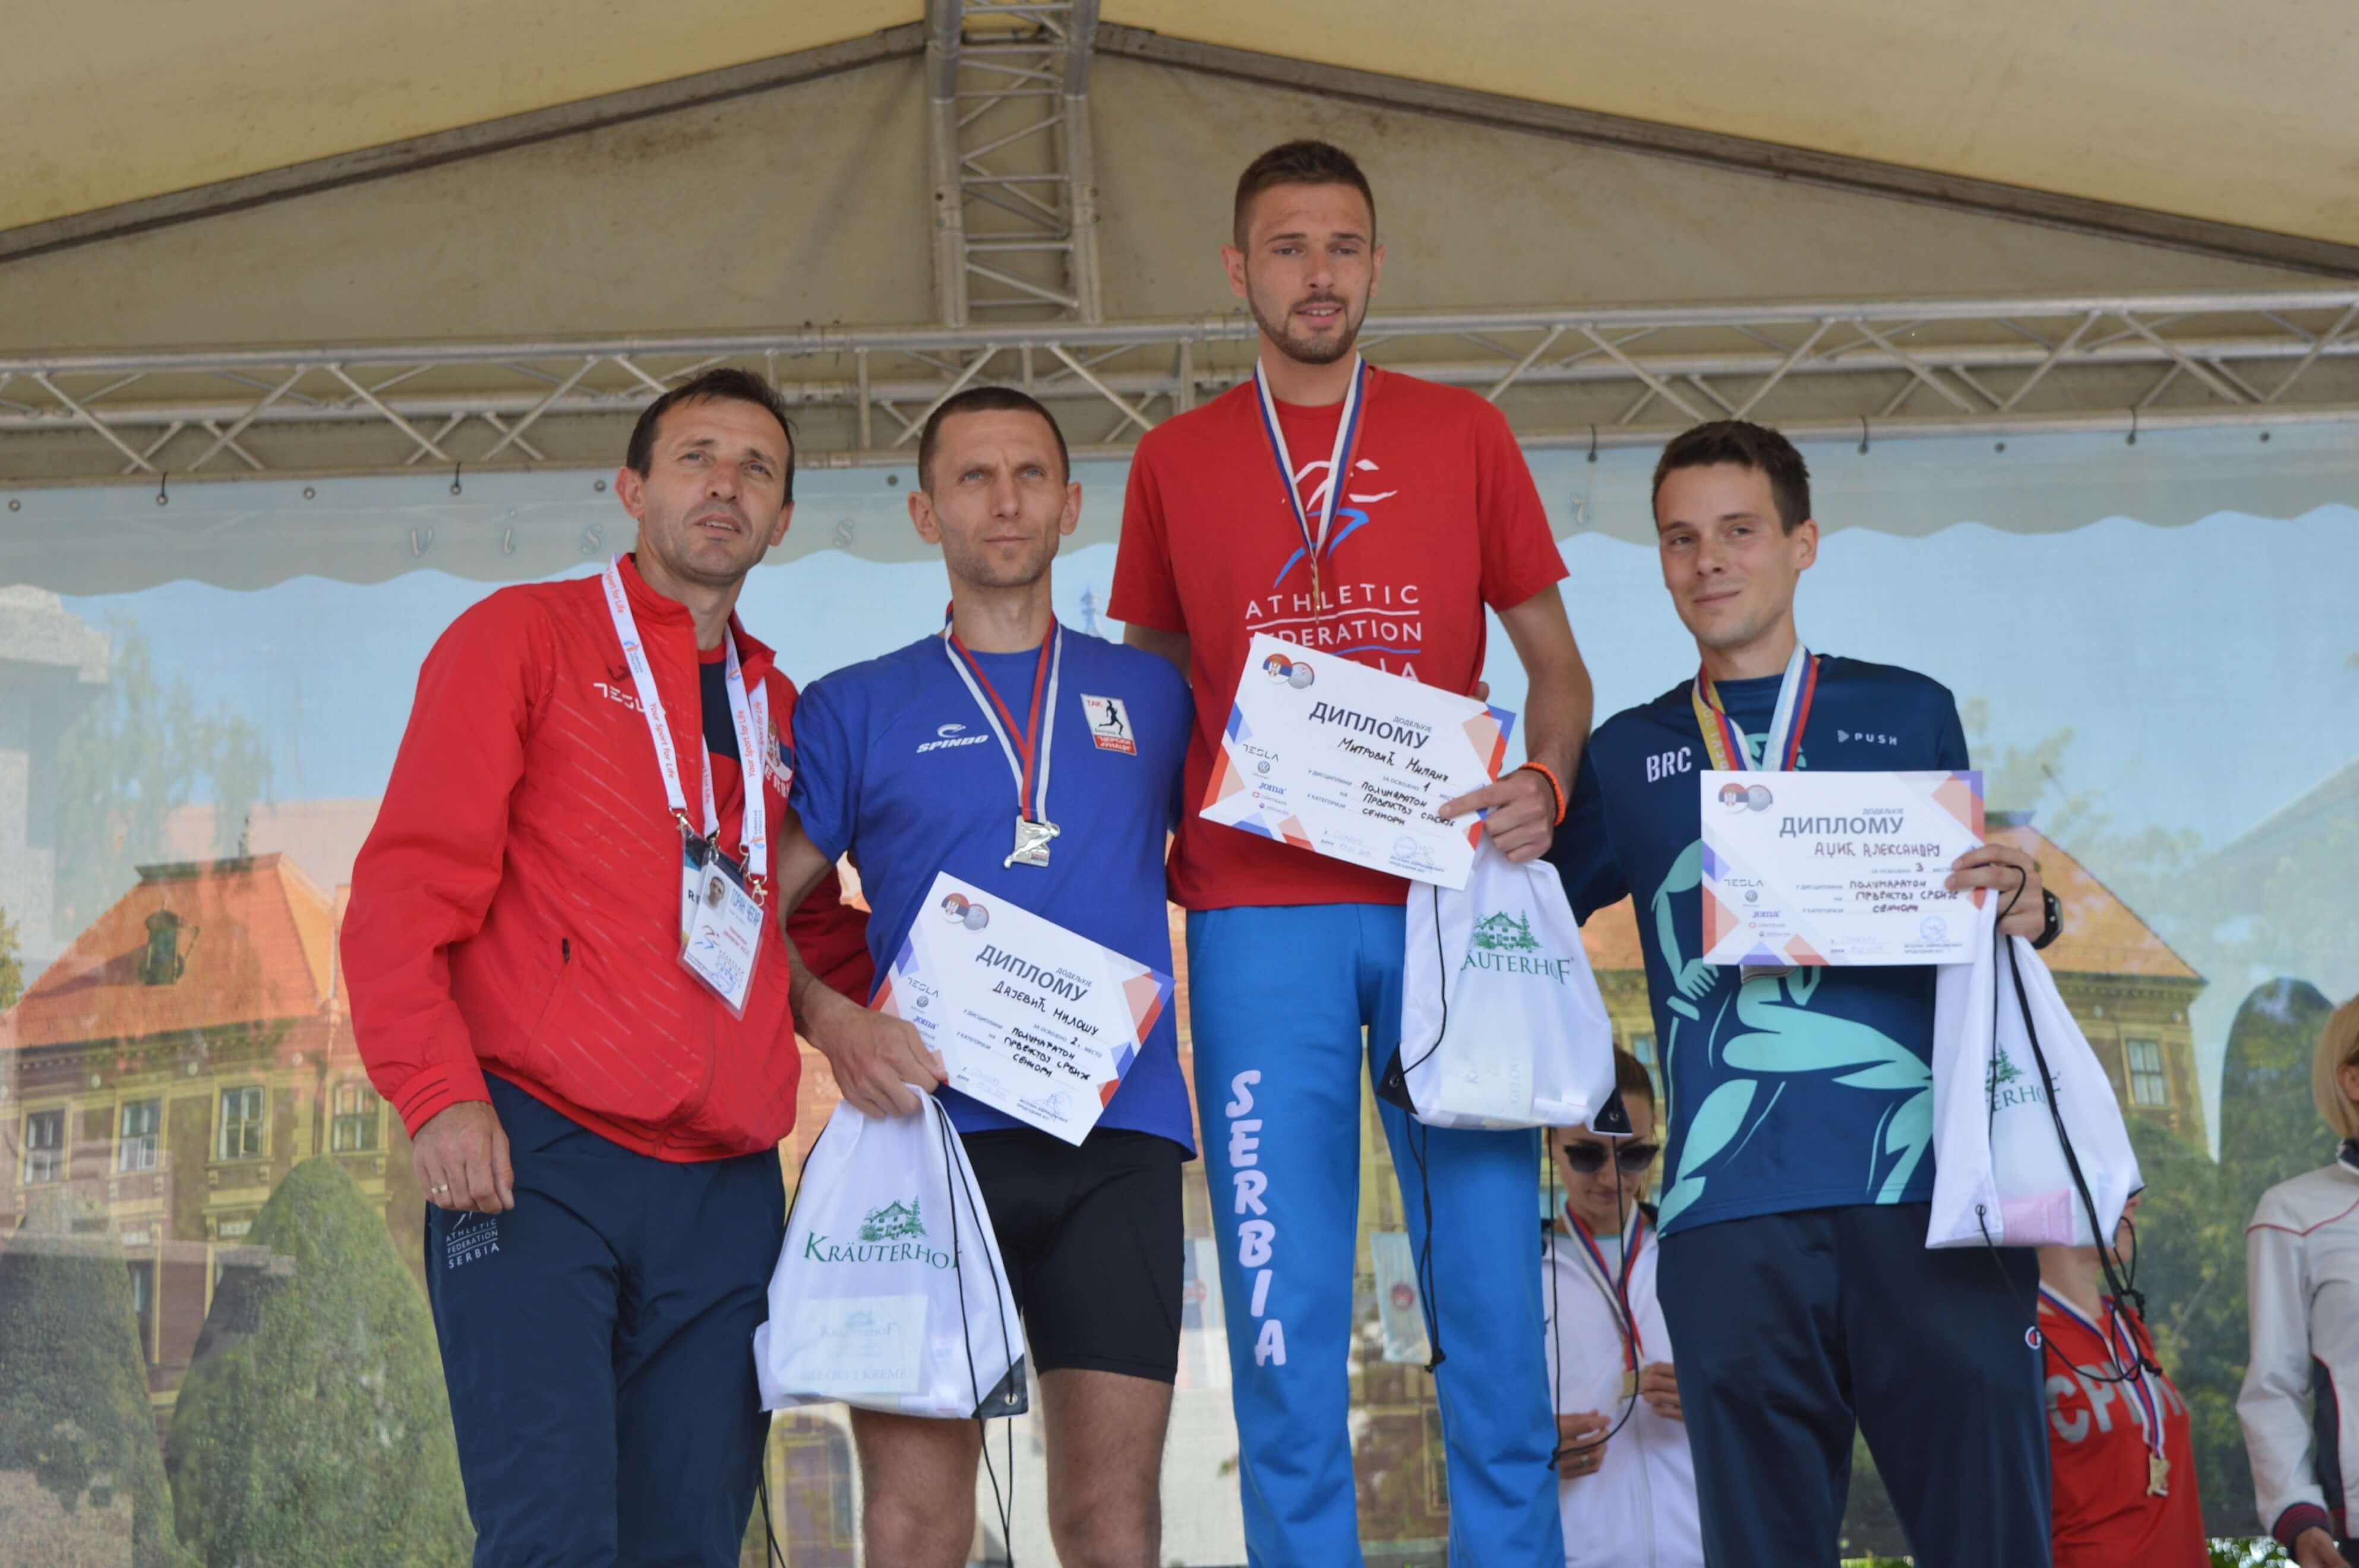 Милош Дајевић (друго место), Милан Митровић (прво место) и Александар Аџић (треће место) су нови дрђавни прваци у полумаратону